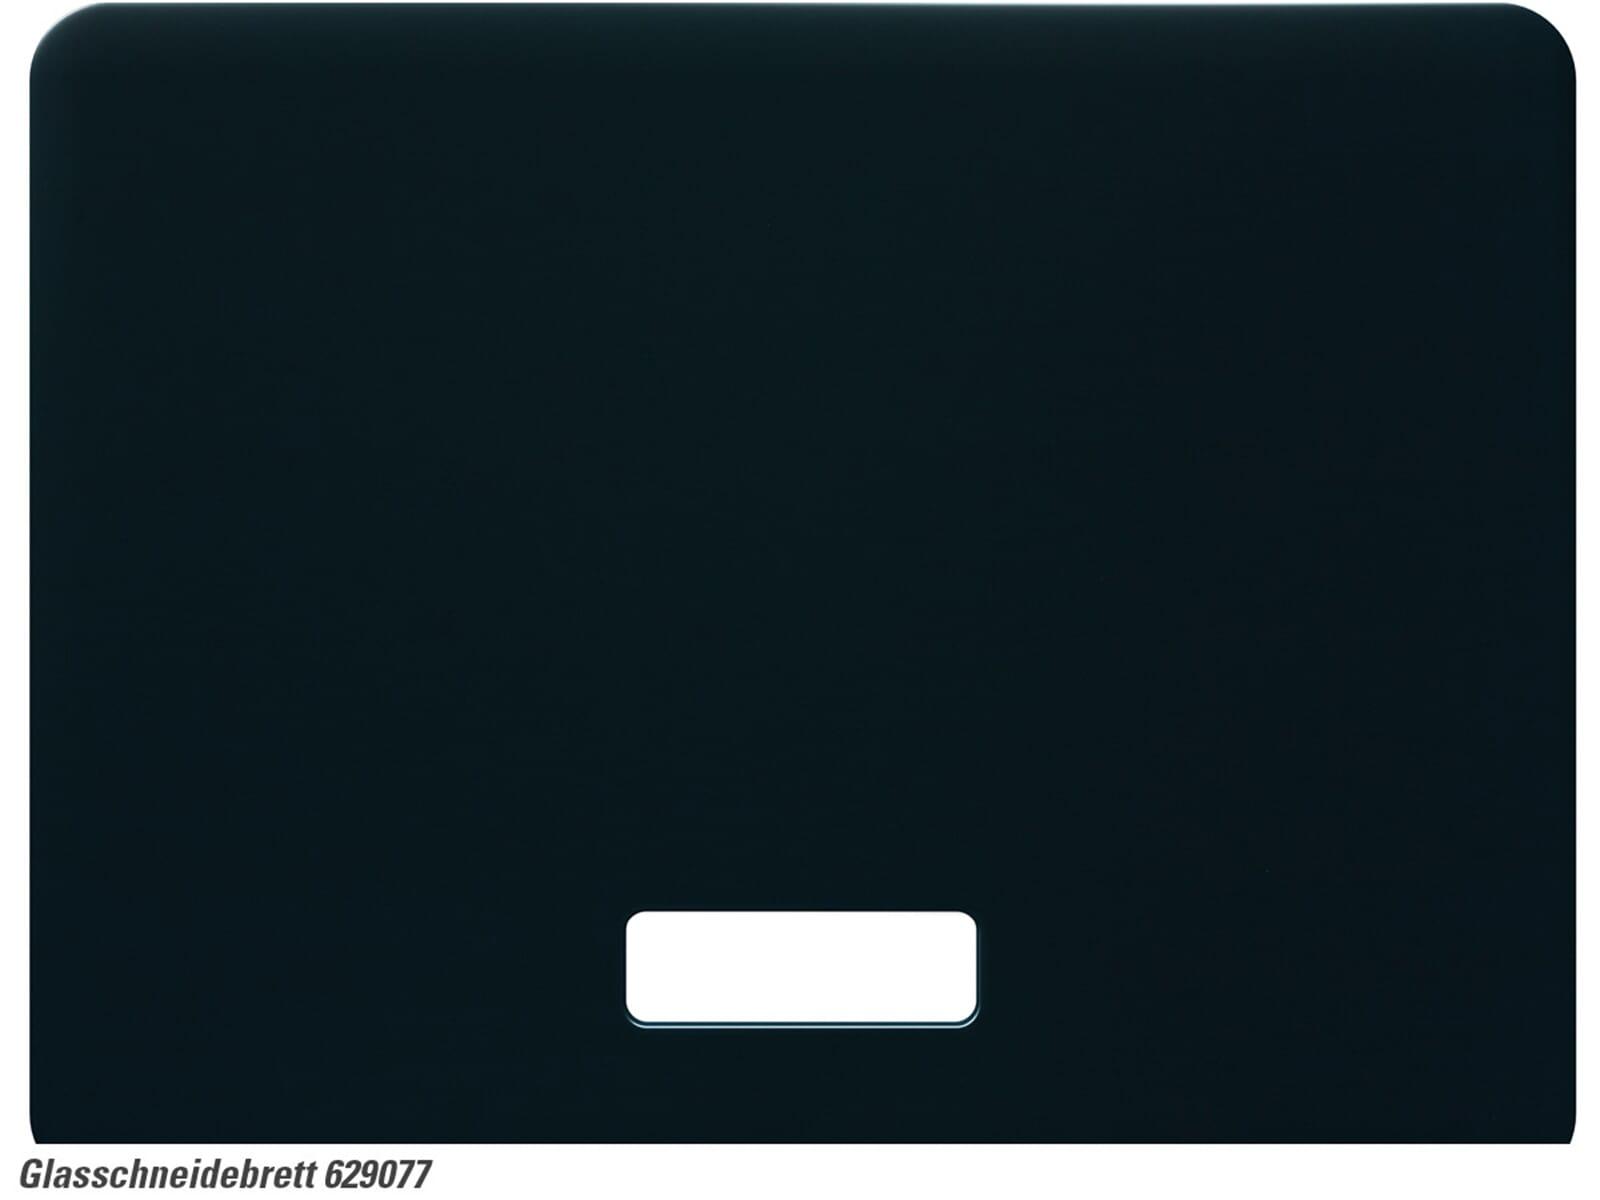 Schock 629077 Glasschneidebrett schwarz